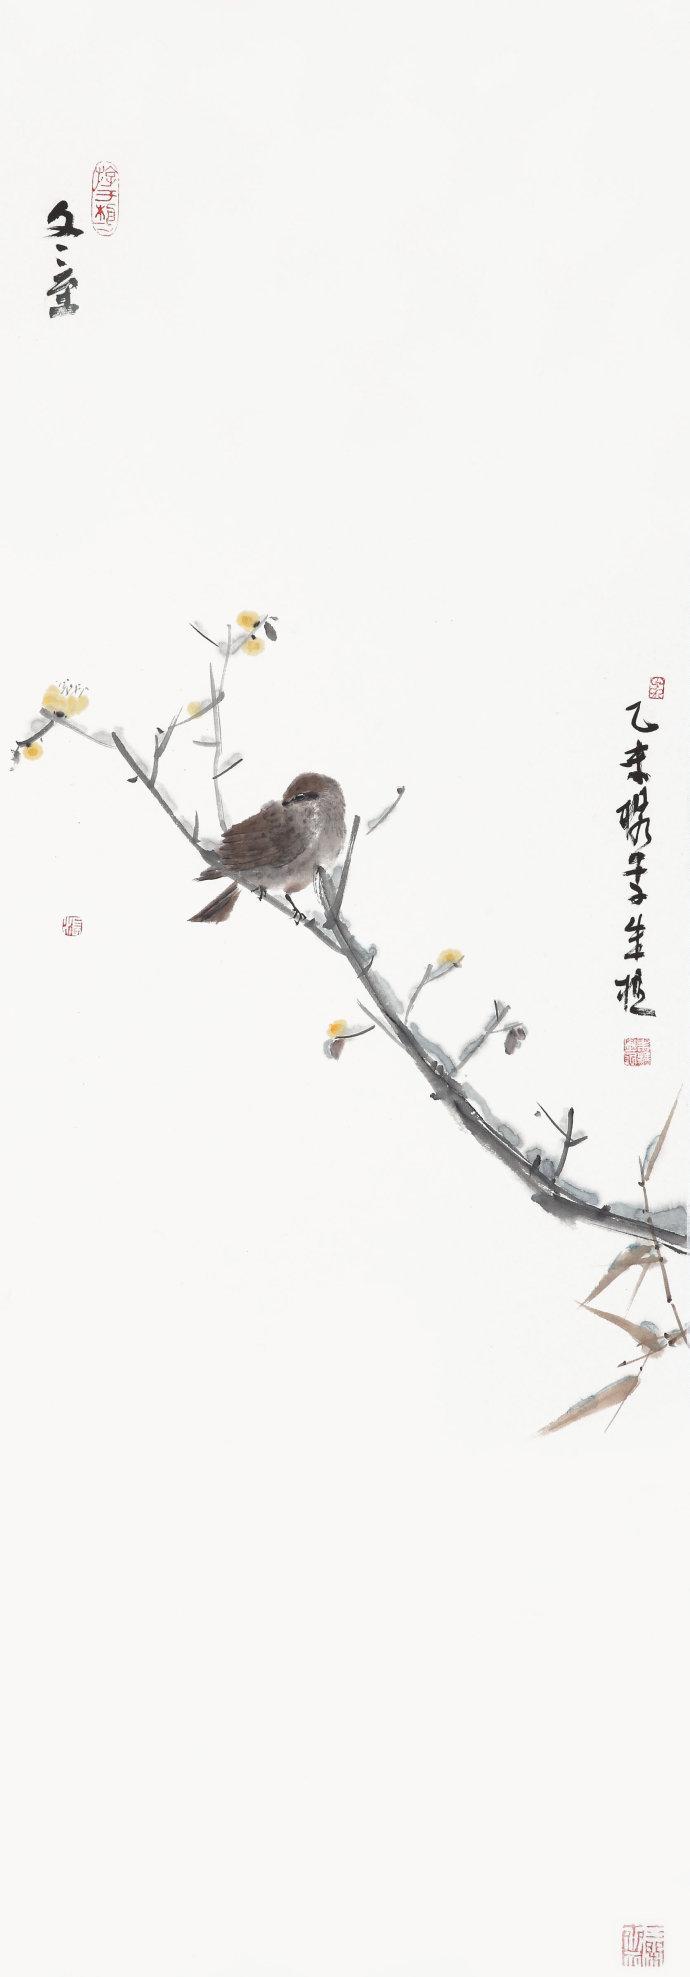 朱樵中国画《一只麻雀的春夏秋冬》